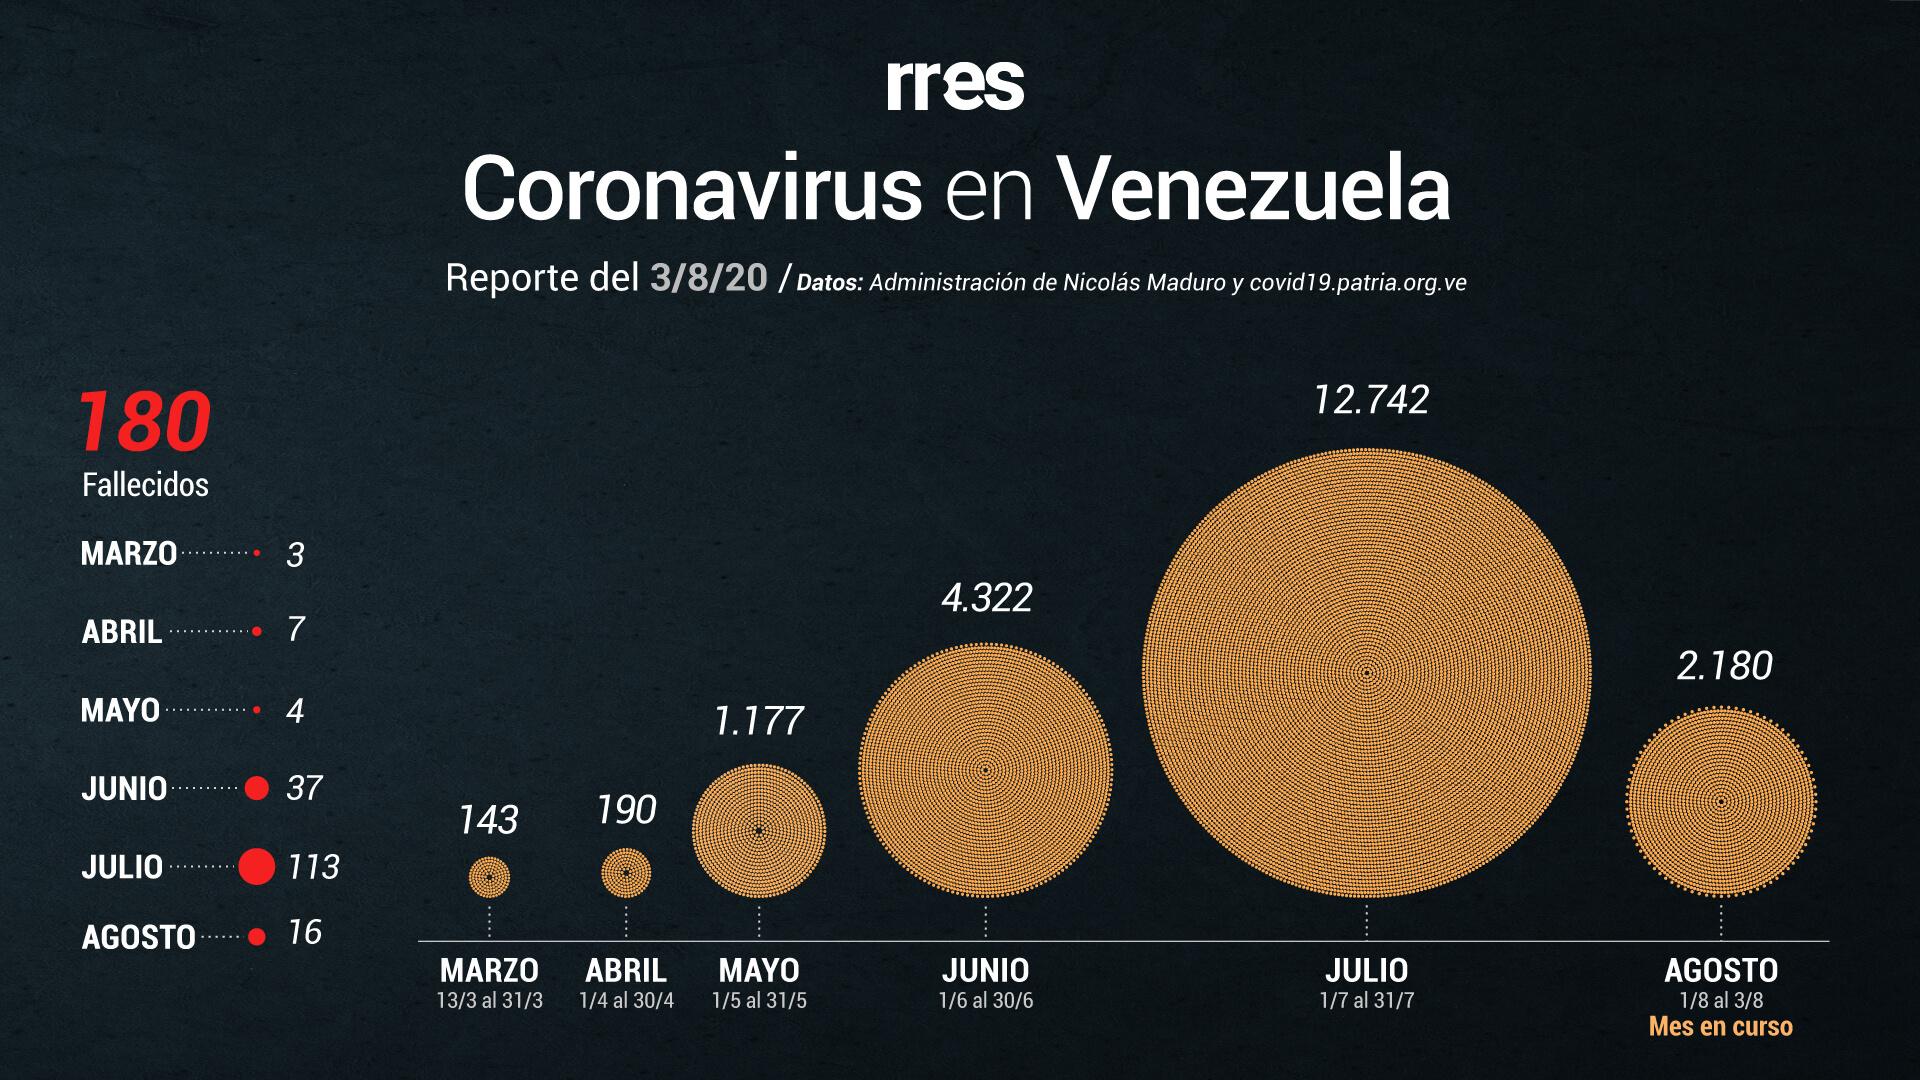 Gobierno reportó 6 muertes y 548 casos de COVID-19 este #3Ago